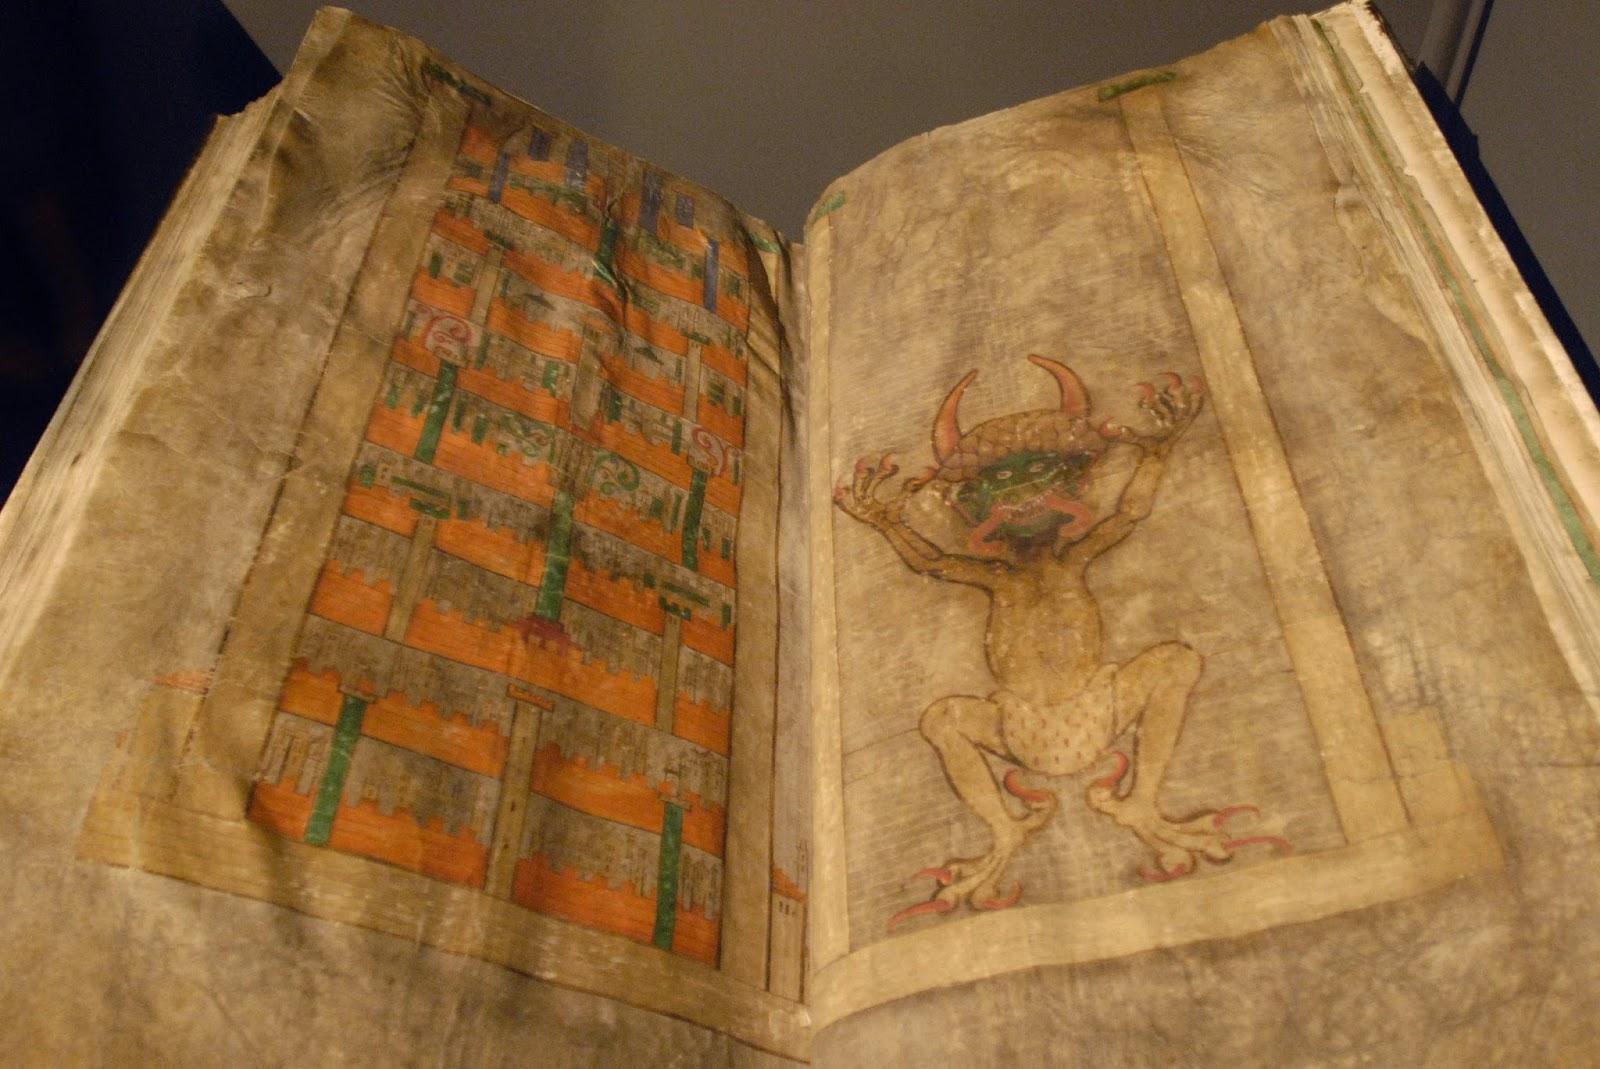 Araceli Rego, de lo humano a lo divino: CODEX GIGAS O BIBLIA DEL DIABLO